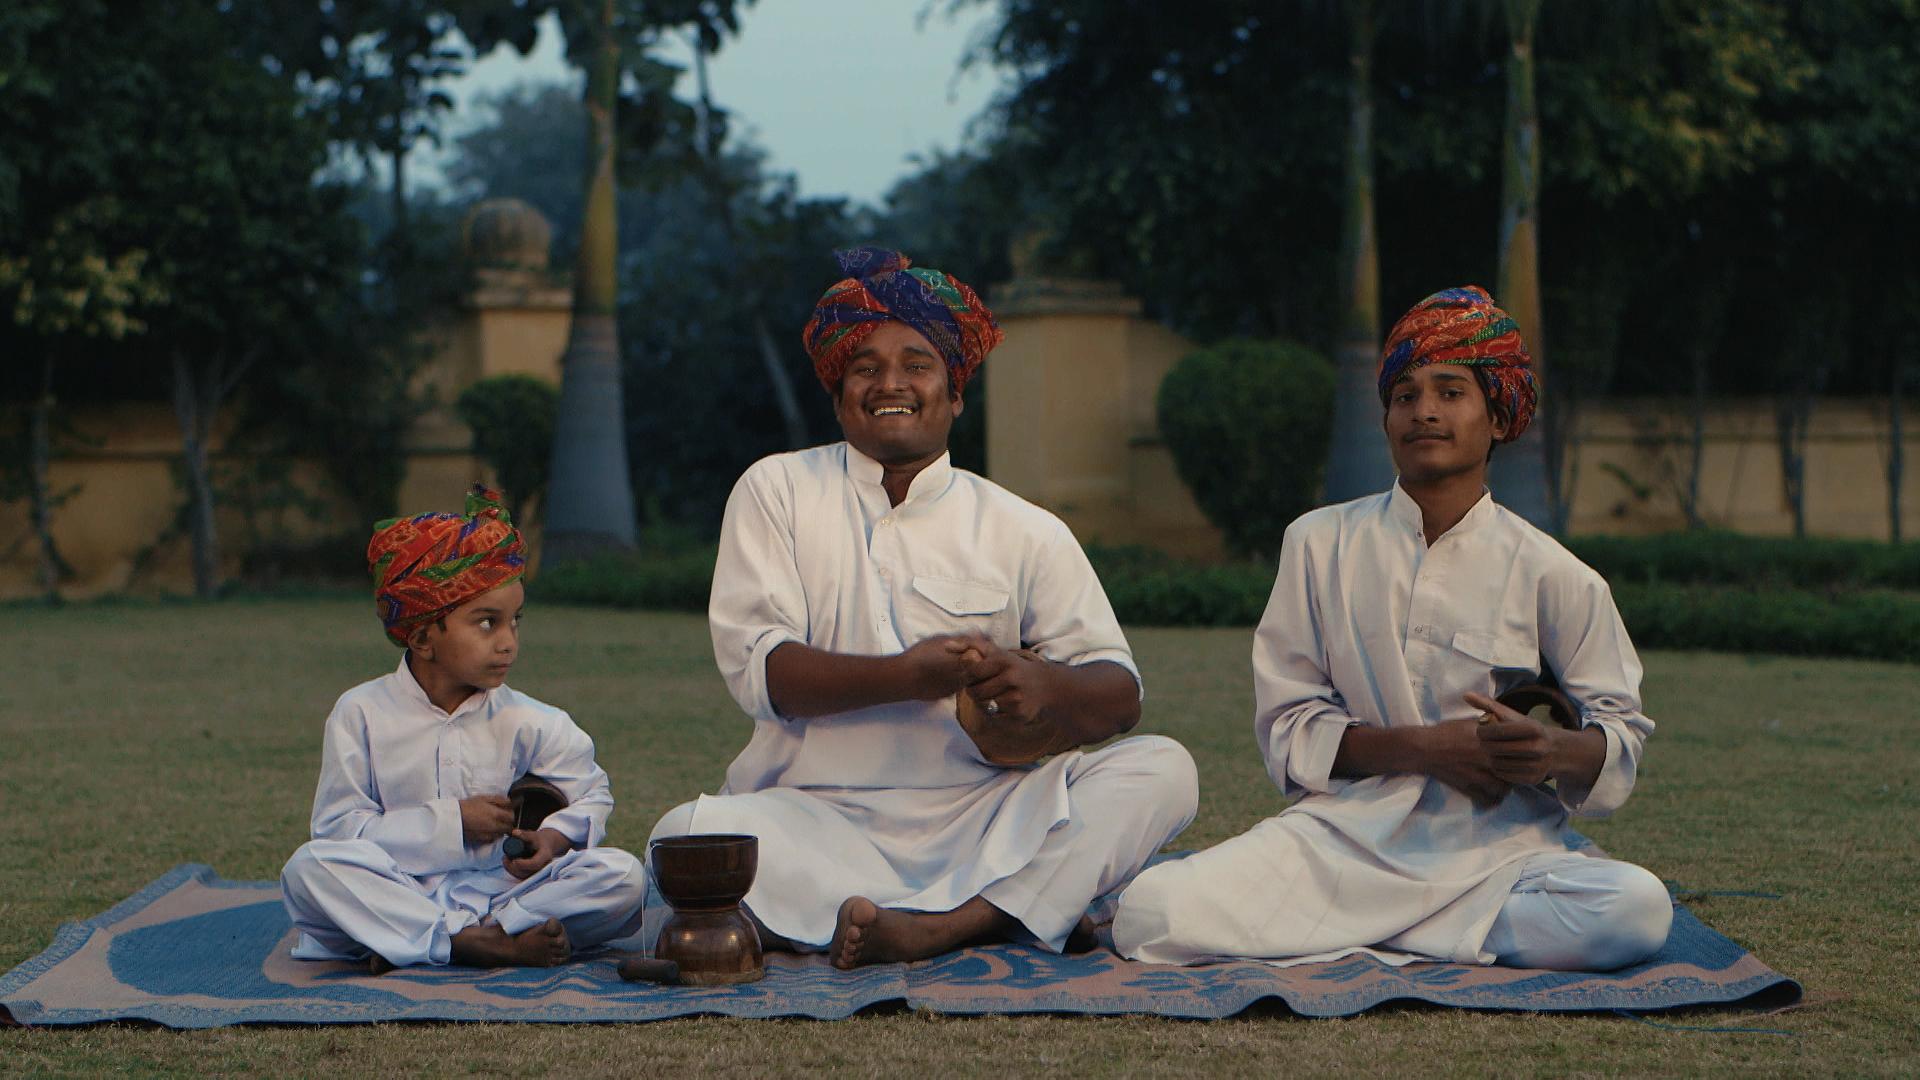 OIAD_Yusuf-Khan-family-bhapang-trio